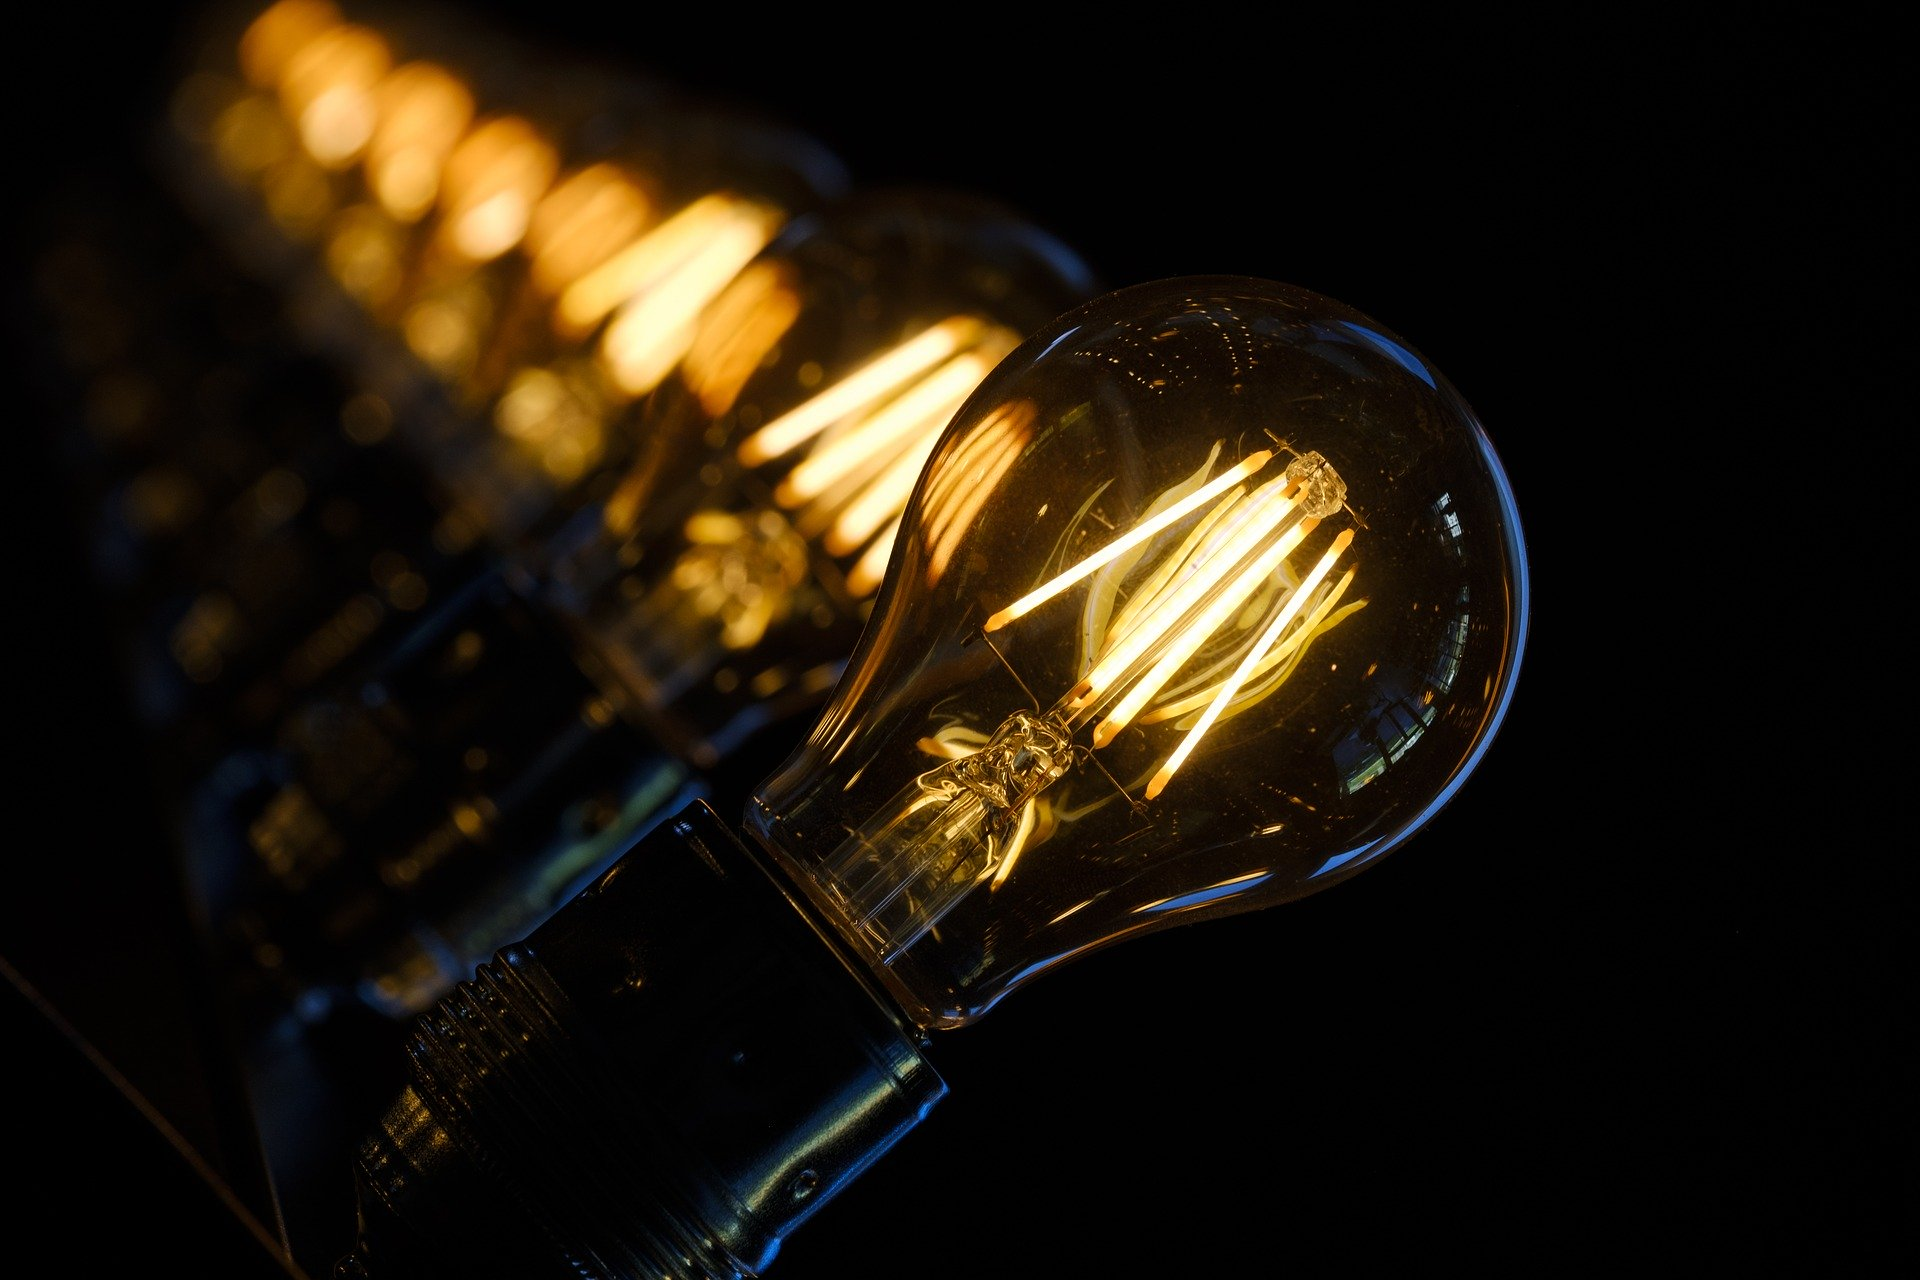 エジソン型の天才は好きなことに没頭する